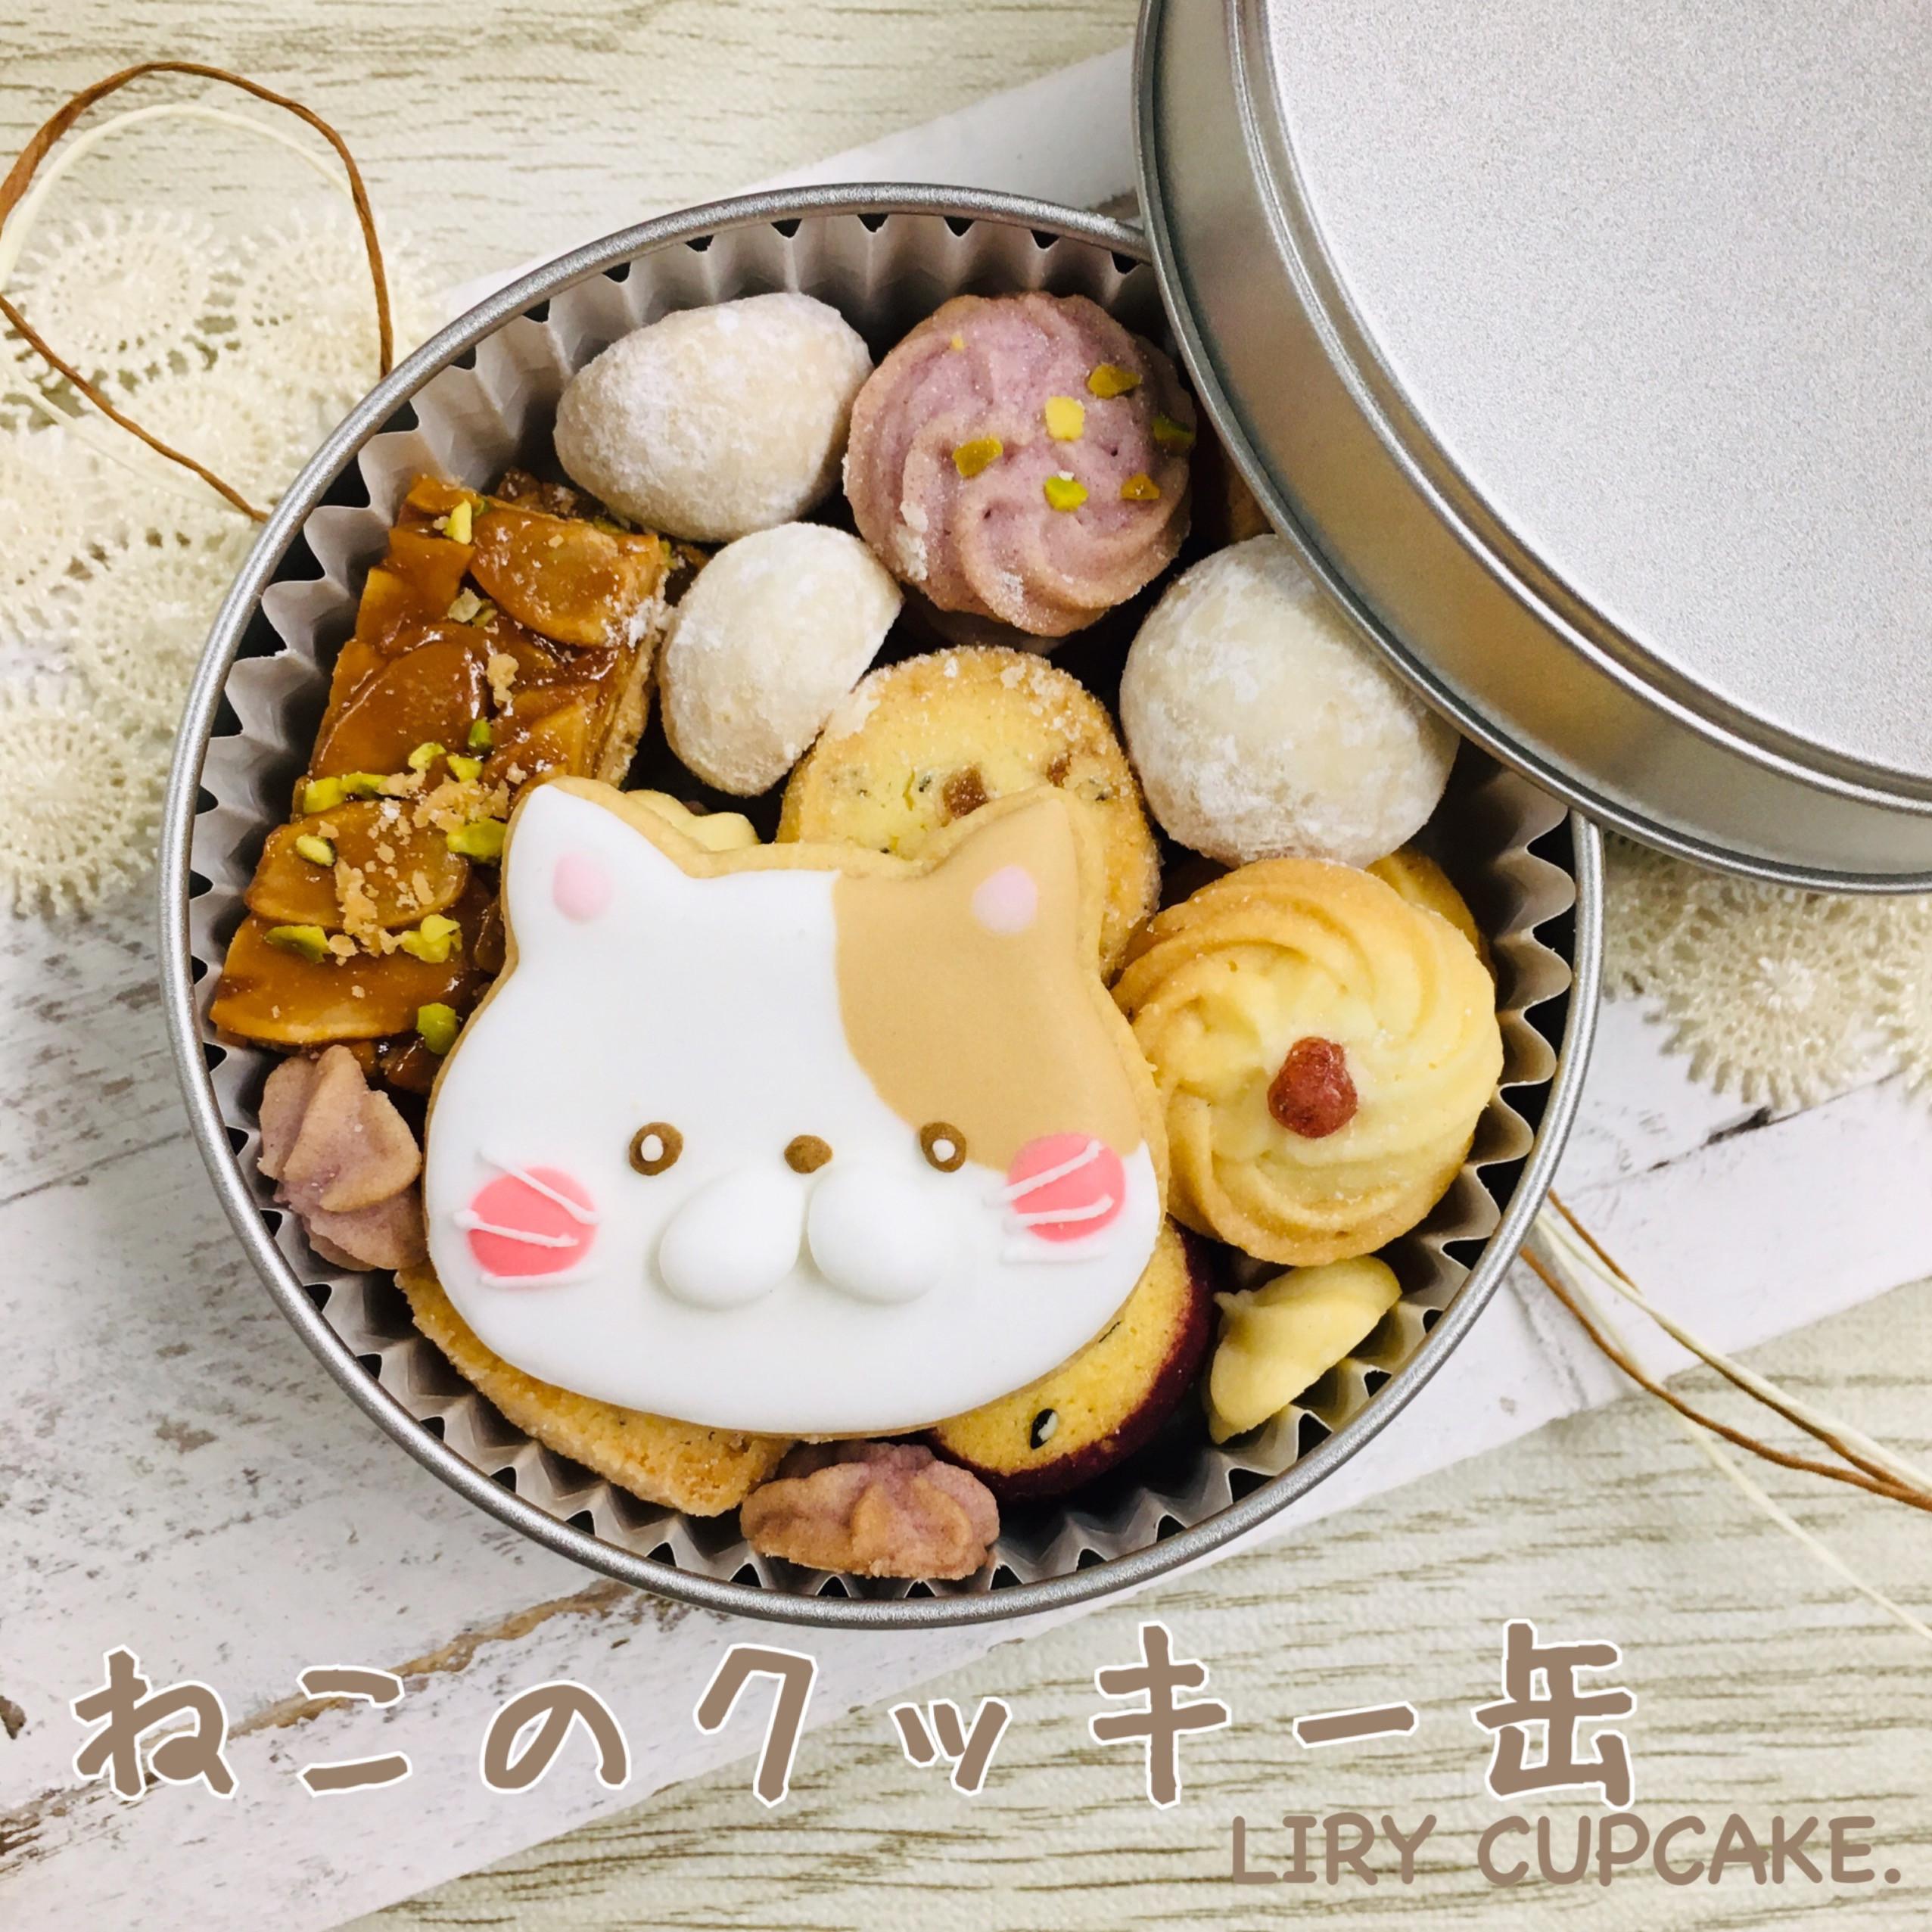 人気のねこのクッキー缶♡ デザイン色々♪>